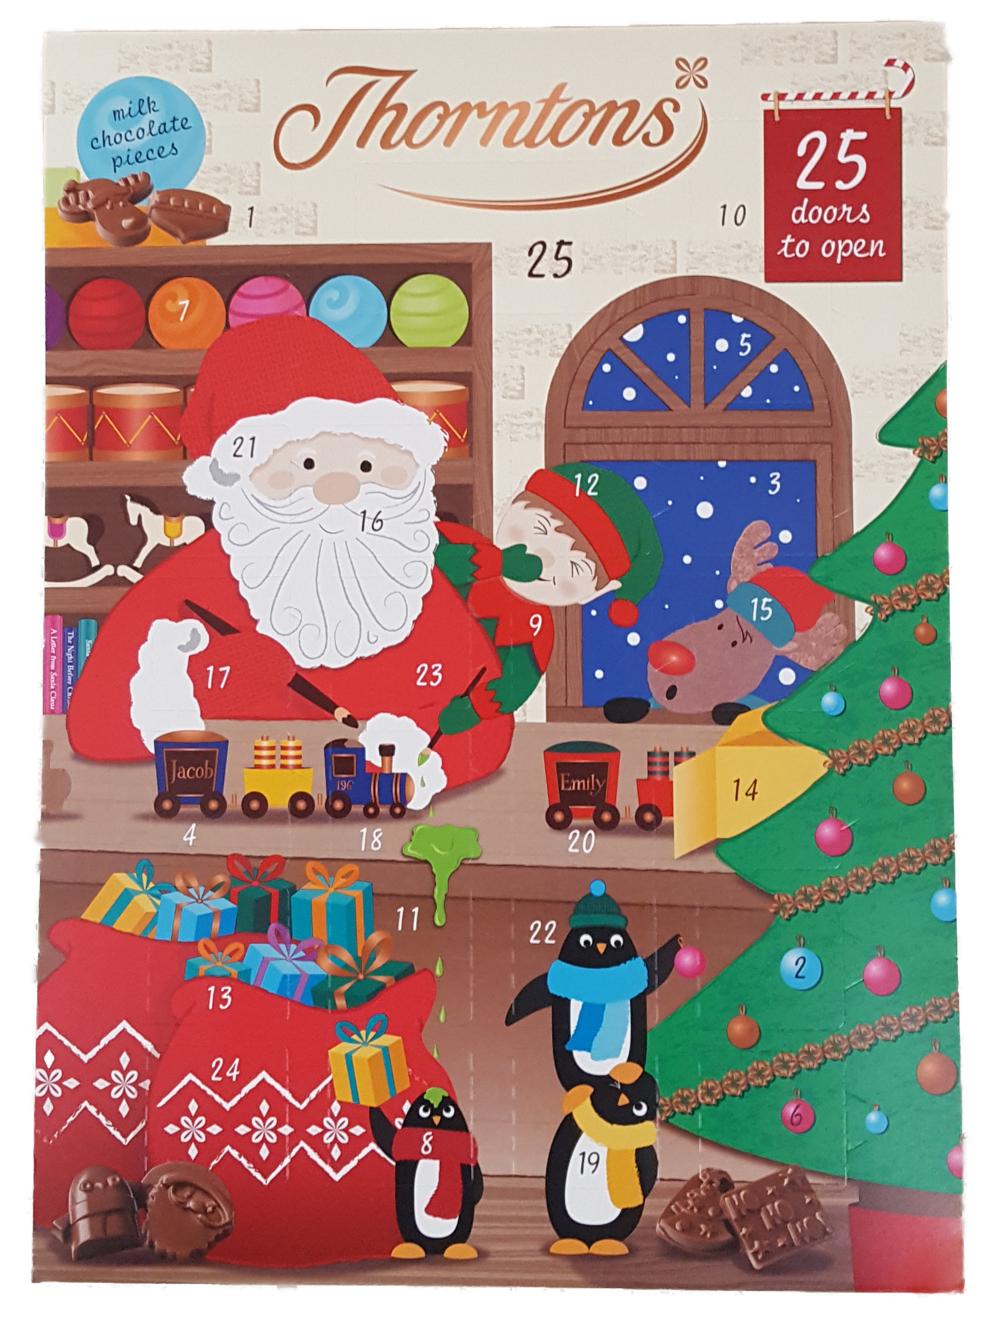 thortons calendar1.png